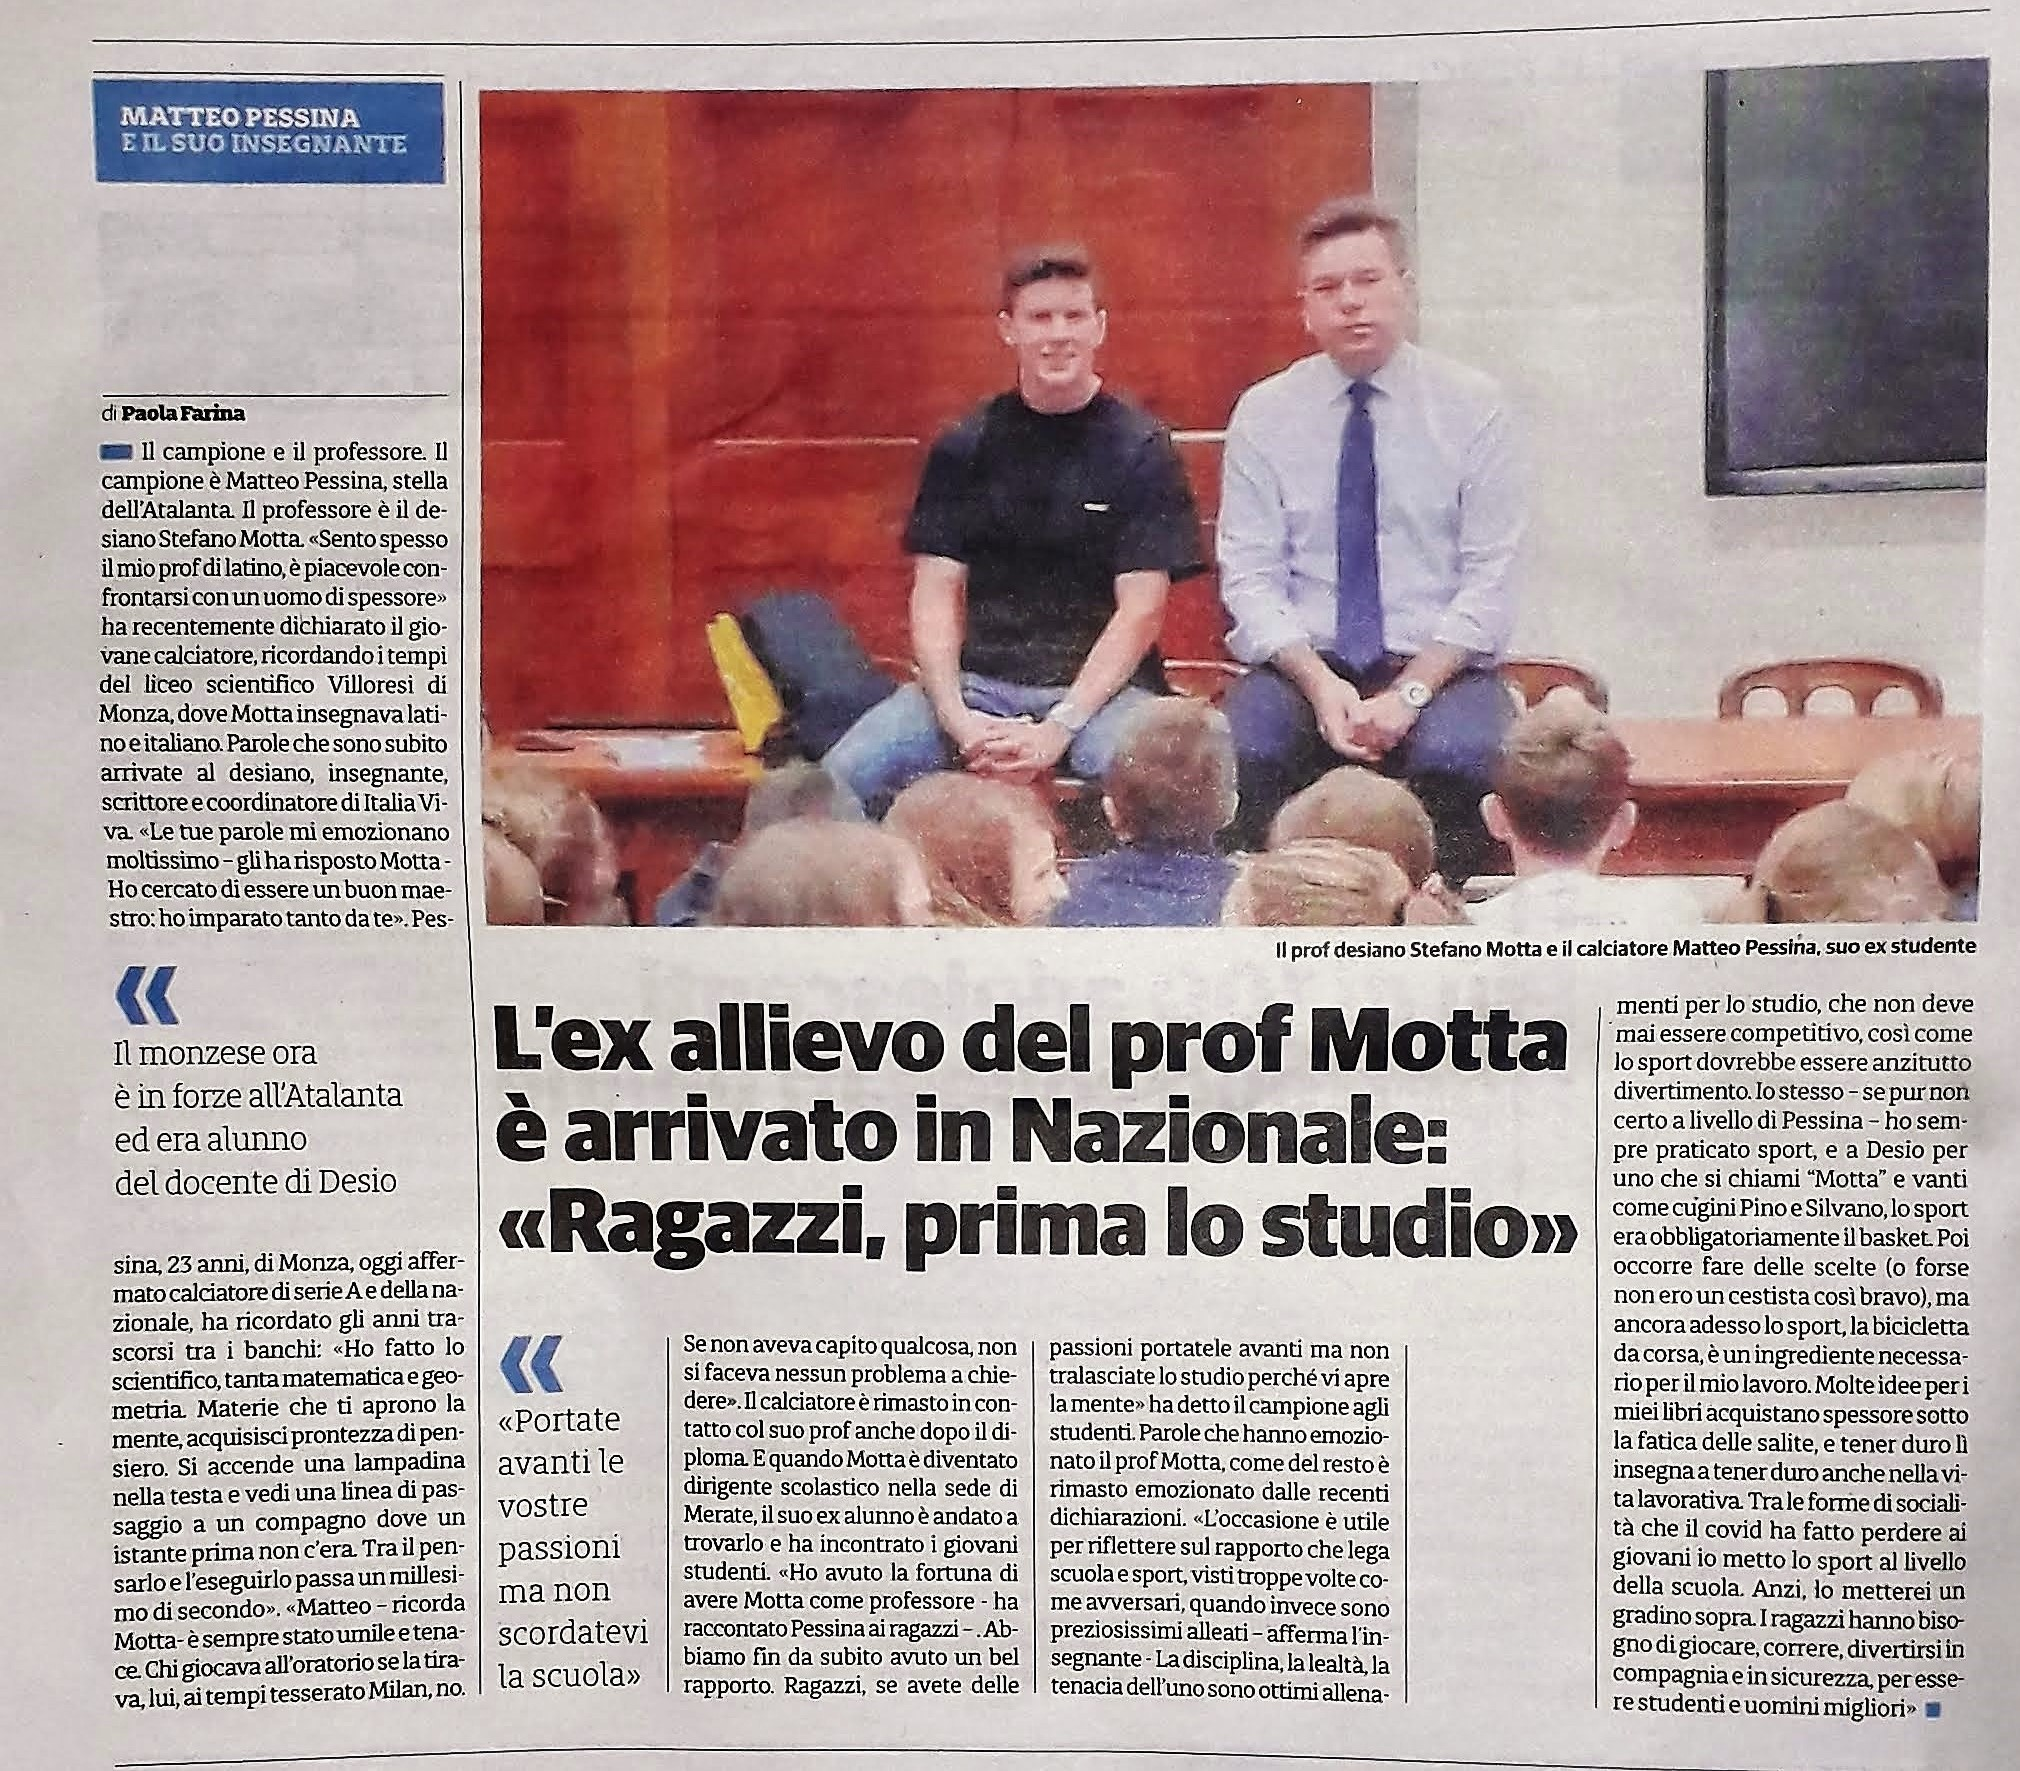 Il Cittadino_20-02-21 p. 10